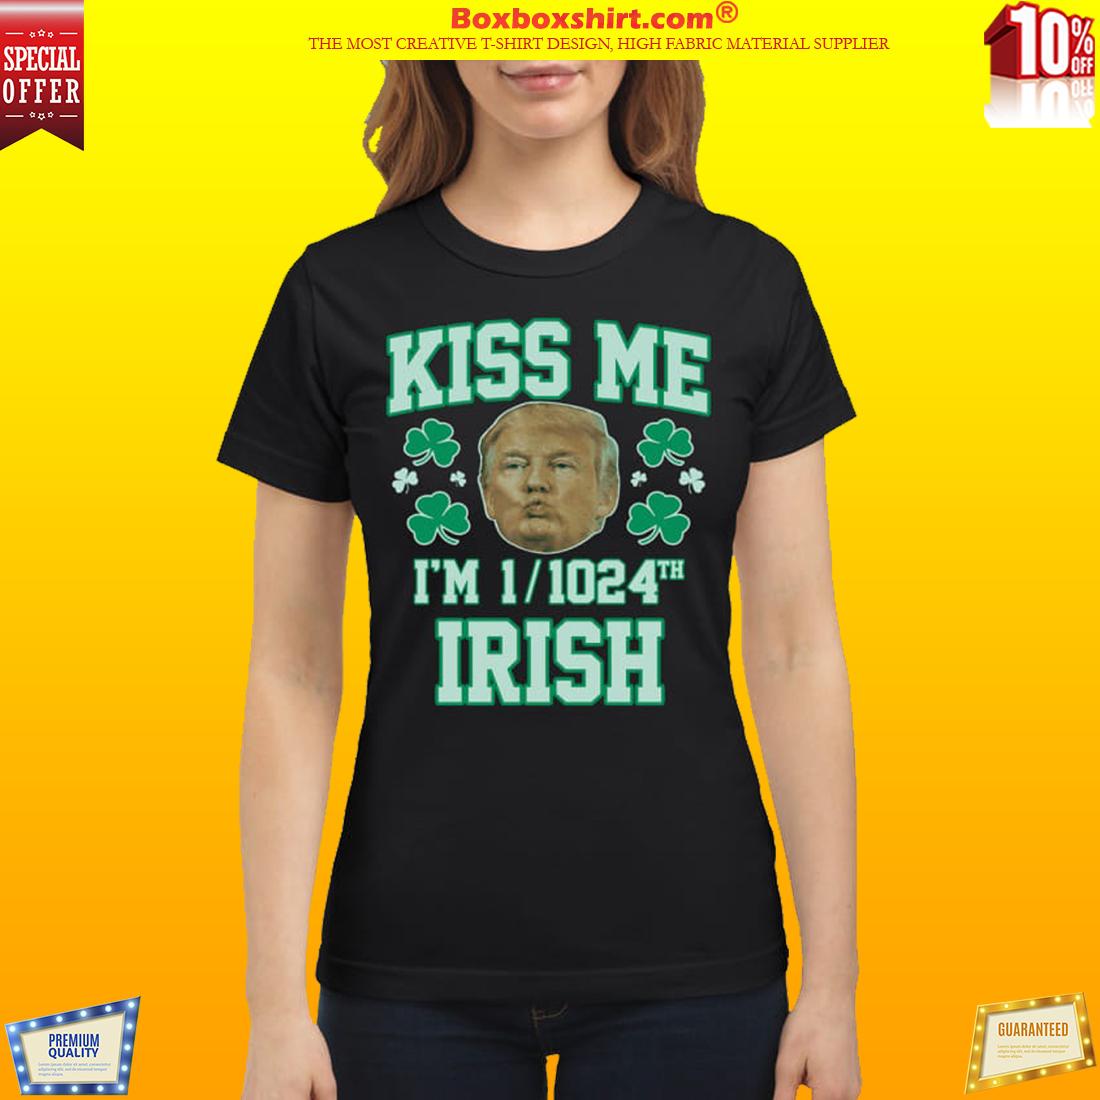 Trump kiss me I'm 1 1024th Irish shirt